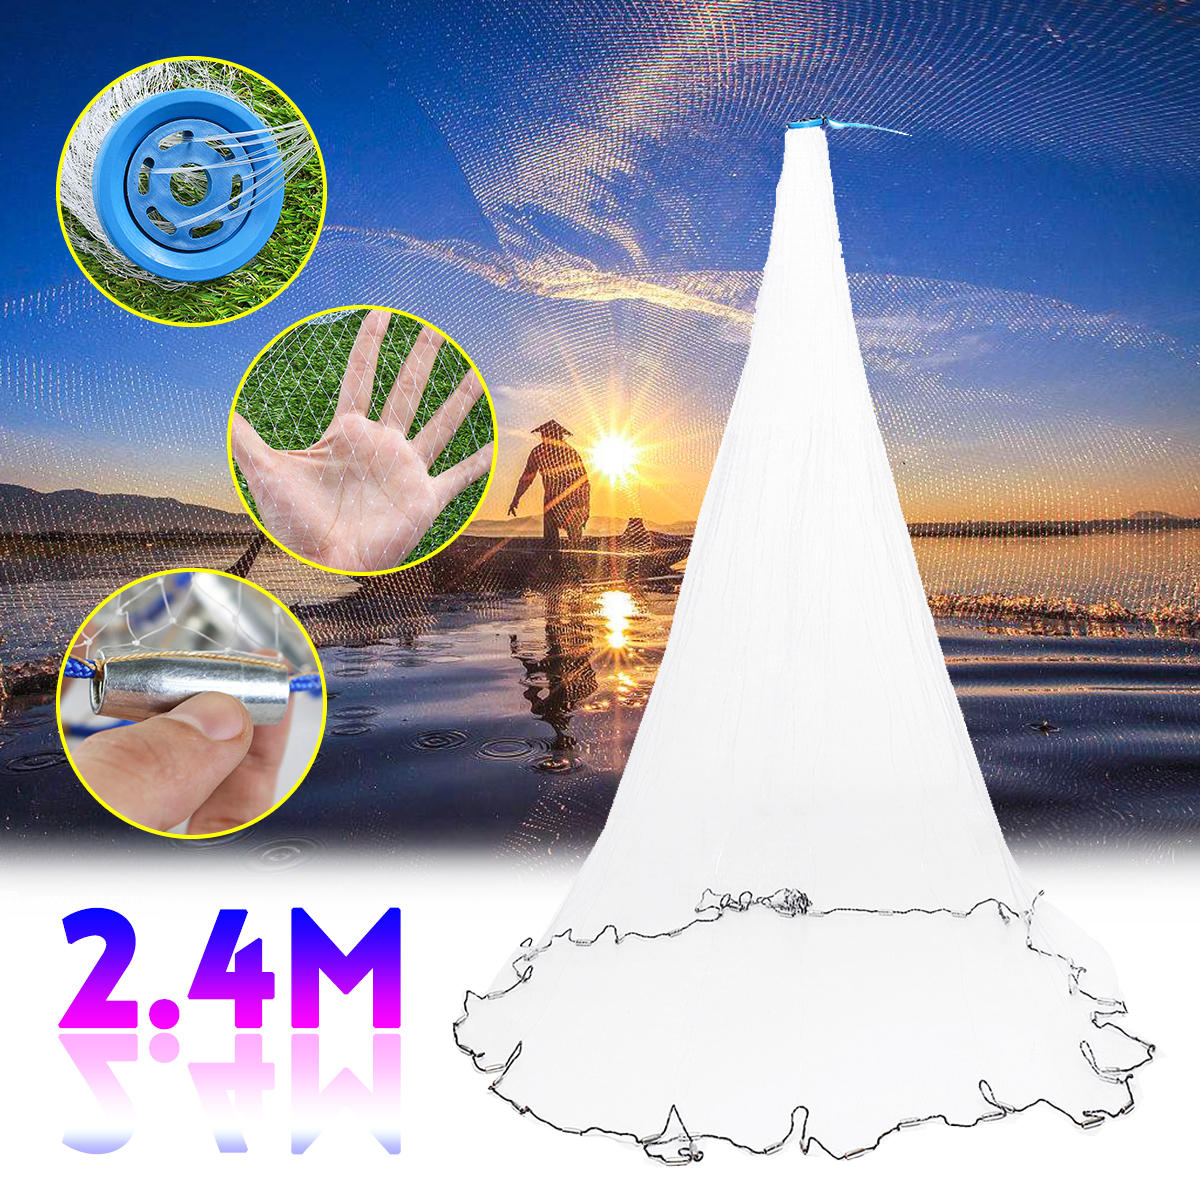 ZANLURE 2.4M Fishing Net Nylon Monofilament Mesh Gill Easy Throw Casting Fishing Tool Fishing Net